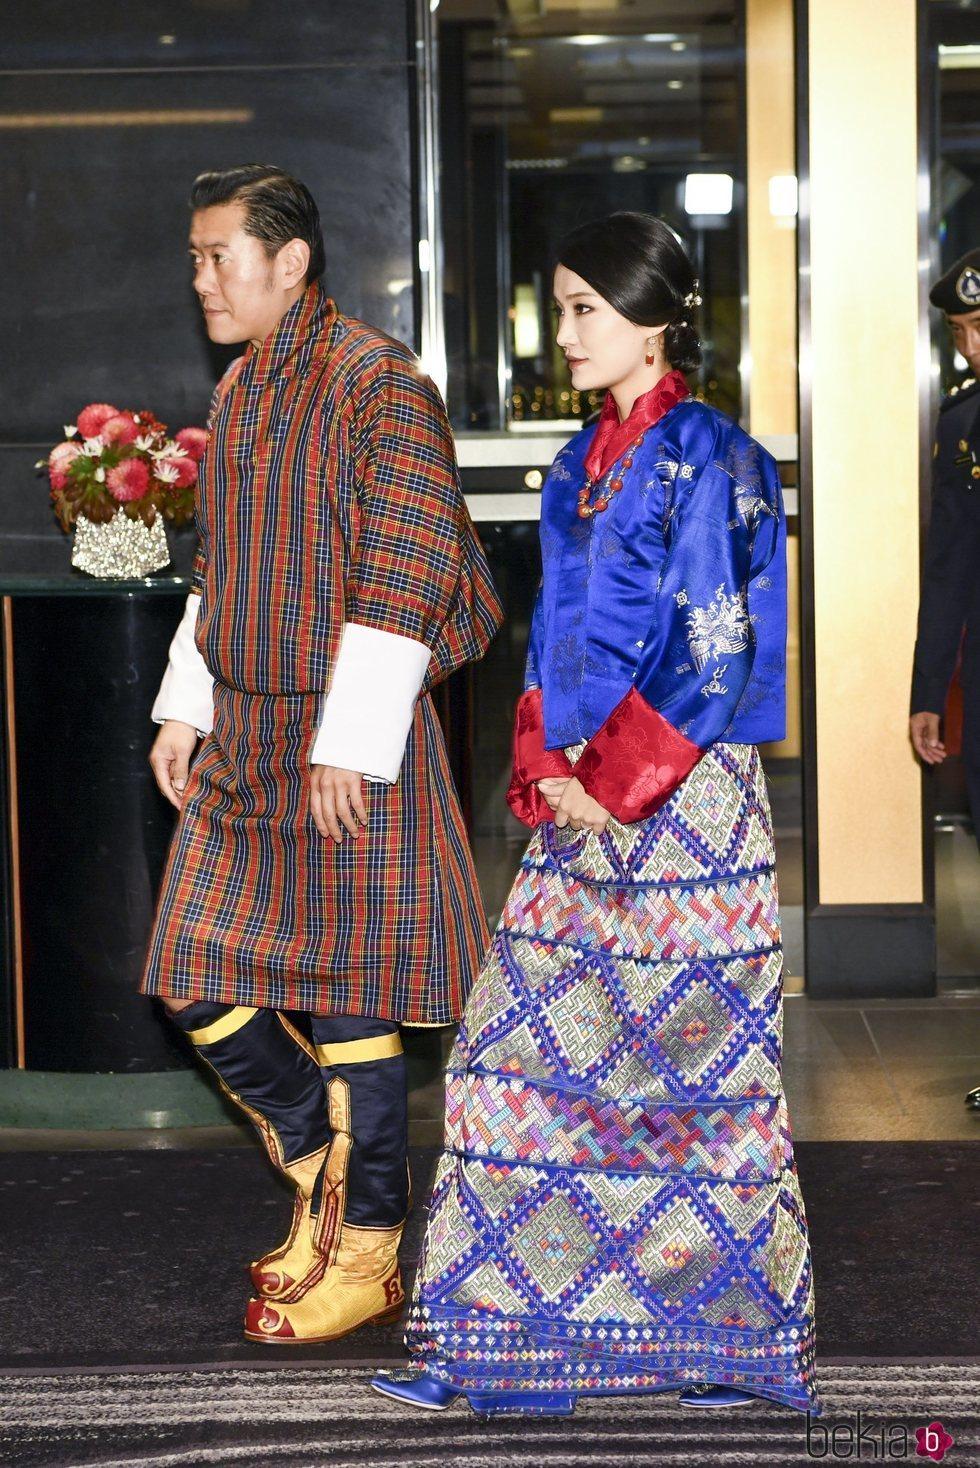 Los Reyes de Bhutan en el banquete organizado por la entronización de Naruhito de Japón